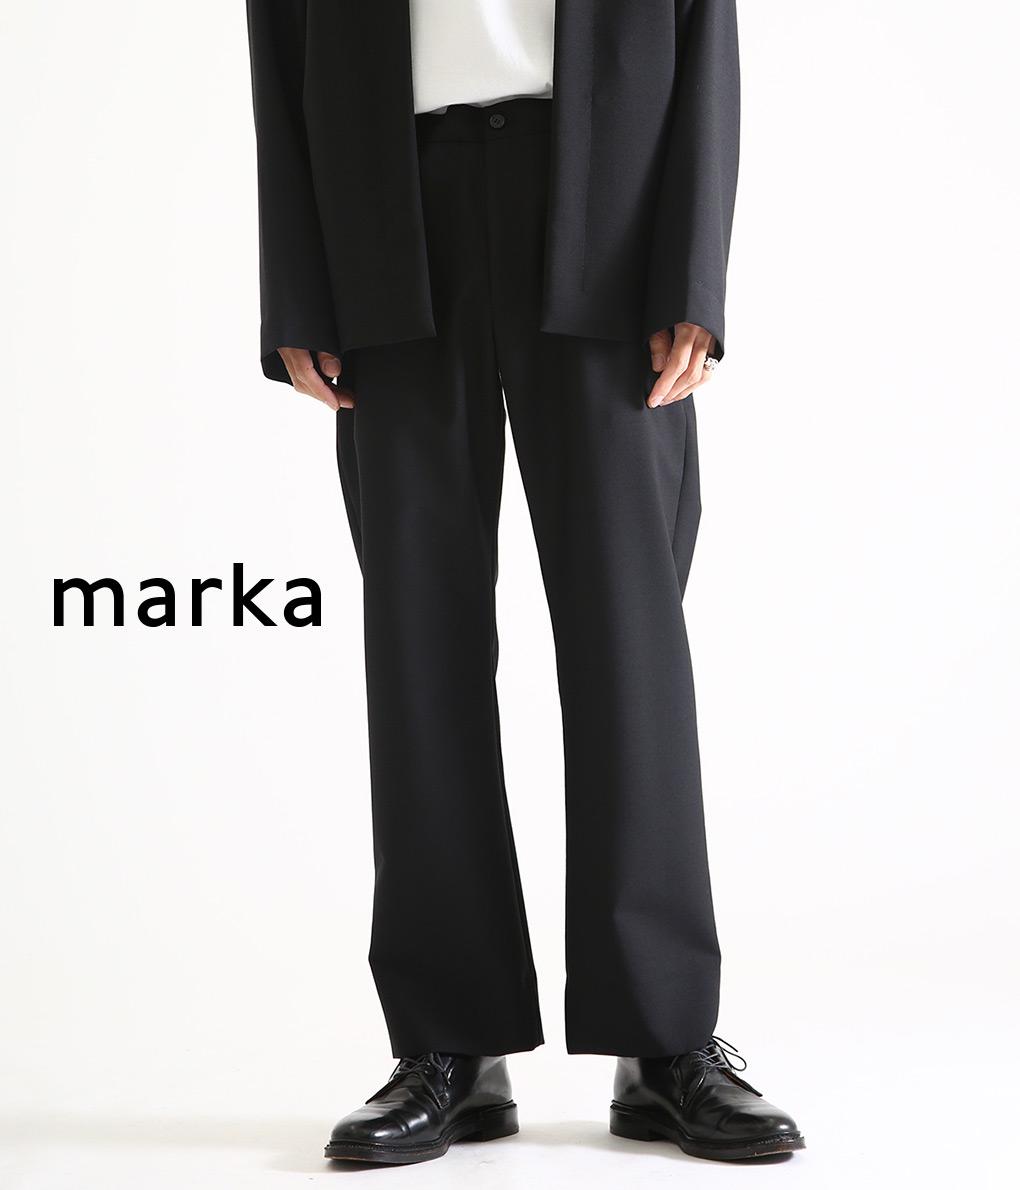 marka / マーカ : STRAIGHT FIT EASY - w.m tropical - / 全3色 : 【20SS】ストレートフィットイージー スラックス セットアップ スーツ イージーパンツ メンズ : M20A-05PT01C 【COR】